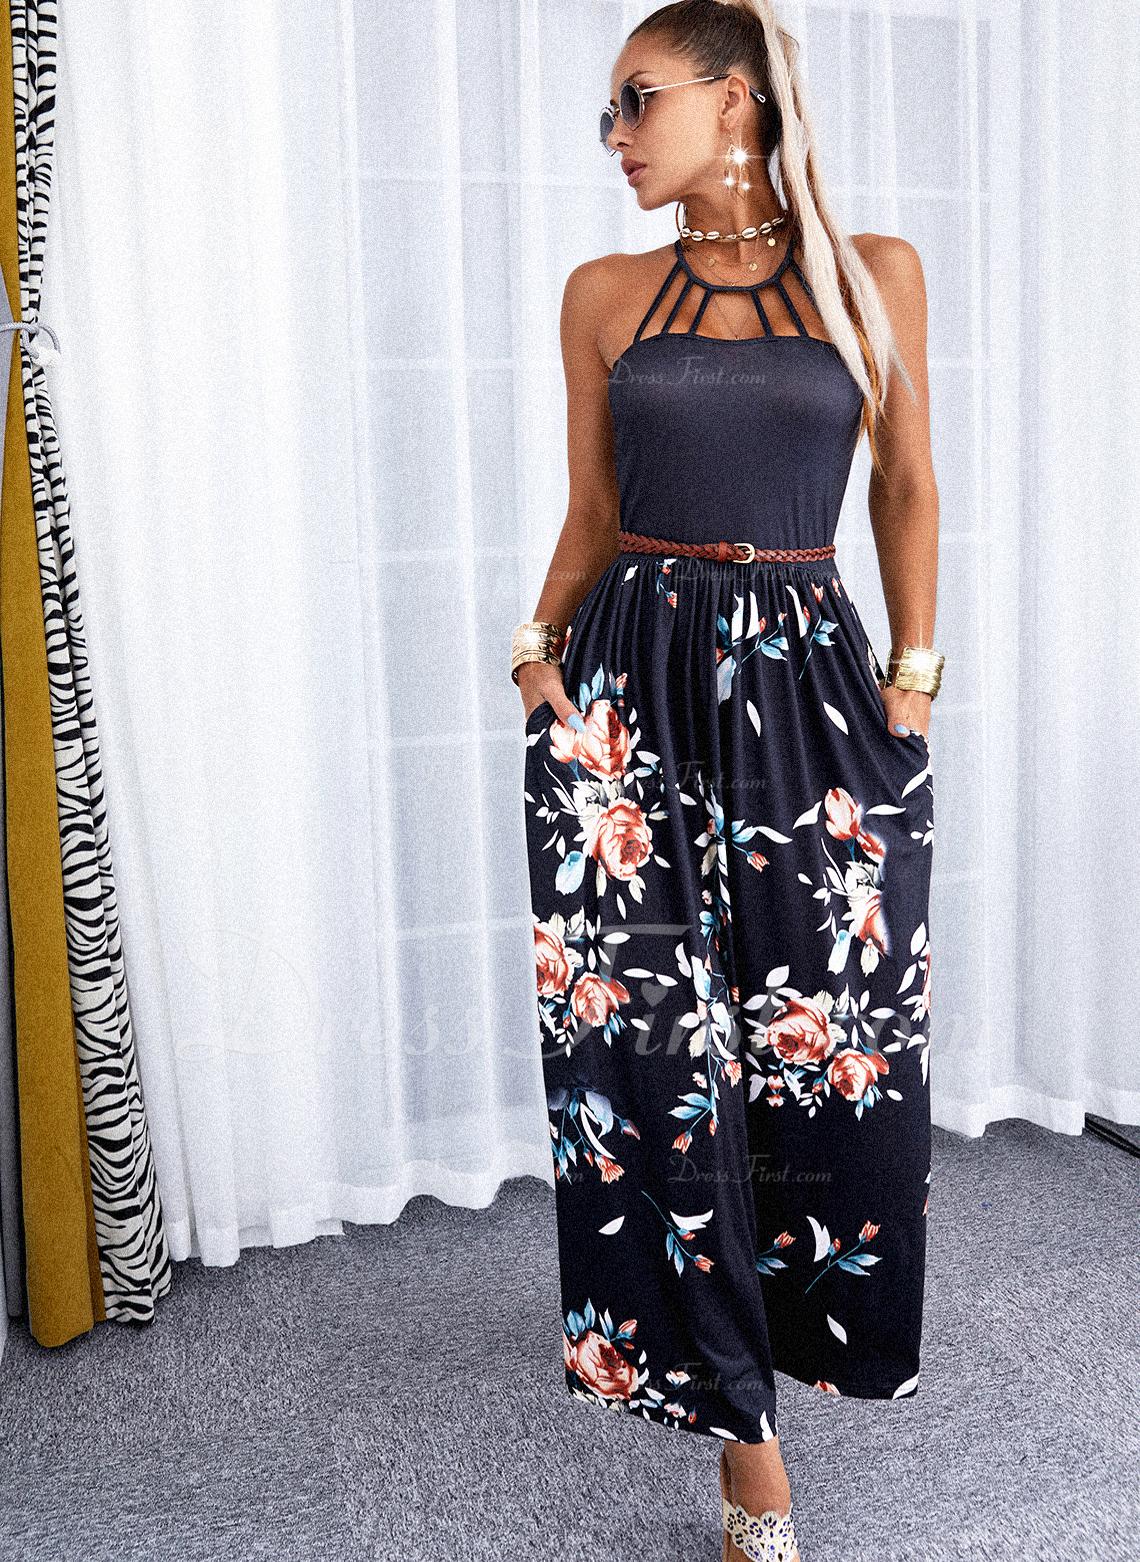 Floral Impresión Escotado por detrás Vestido línea A Sin mangas Maxi Casual Vacaciones Patinador Vestidos de moda